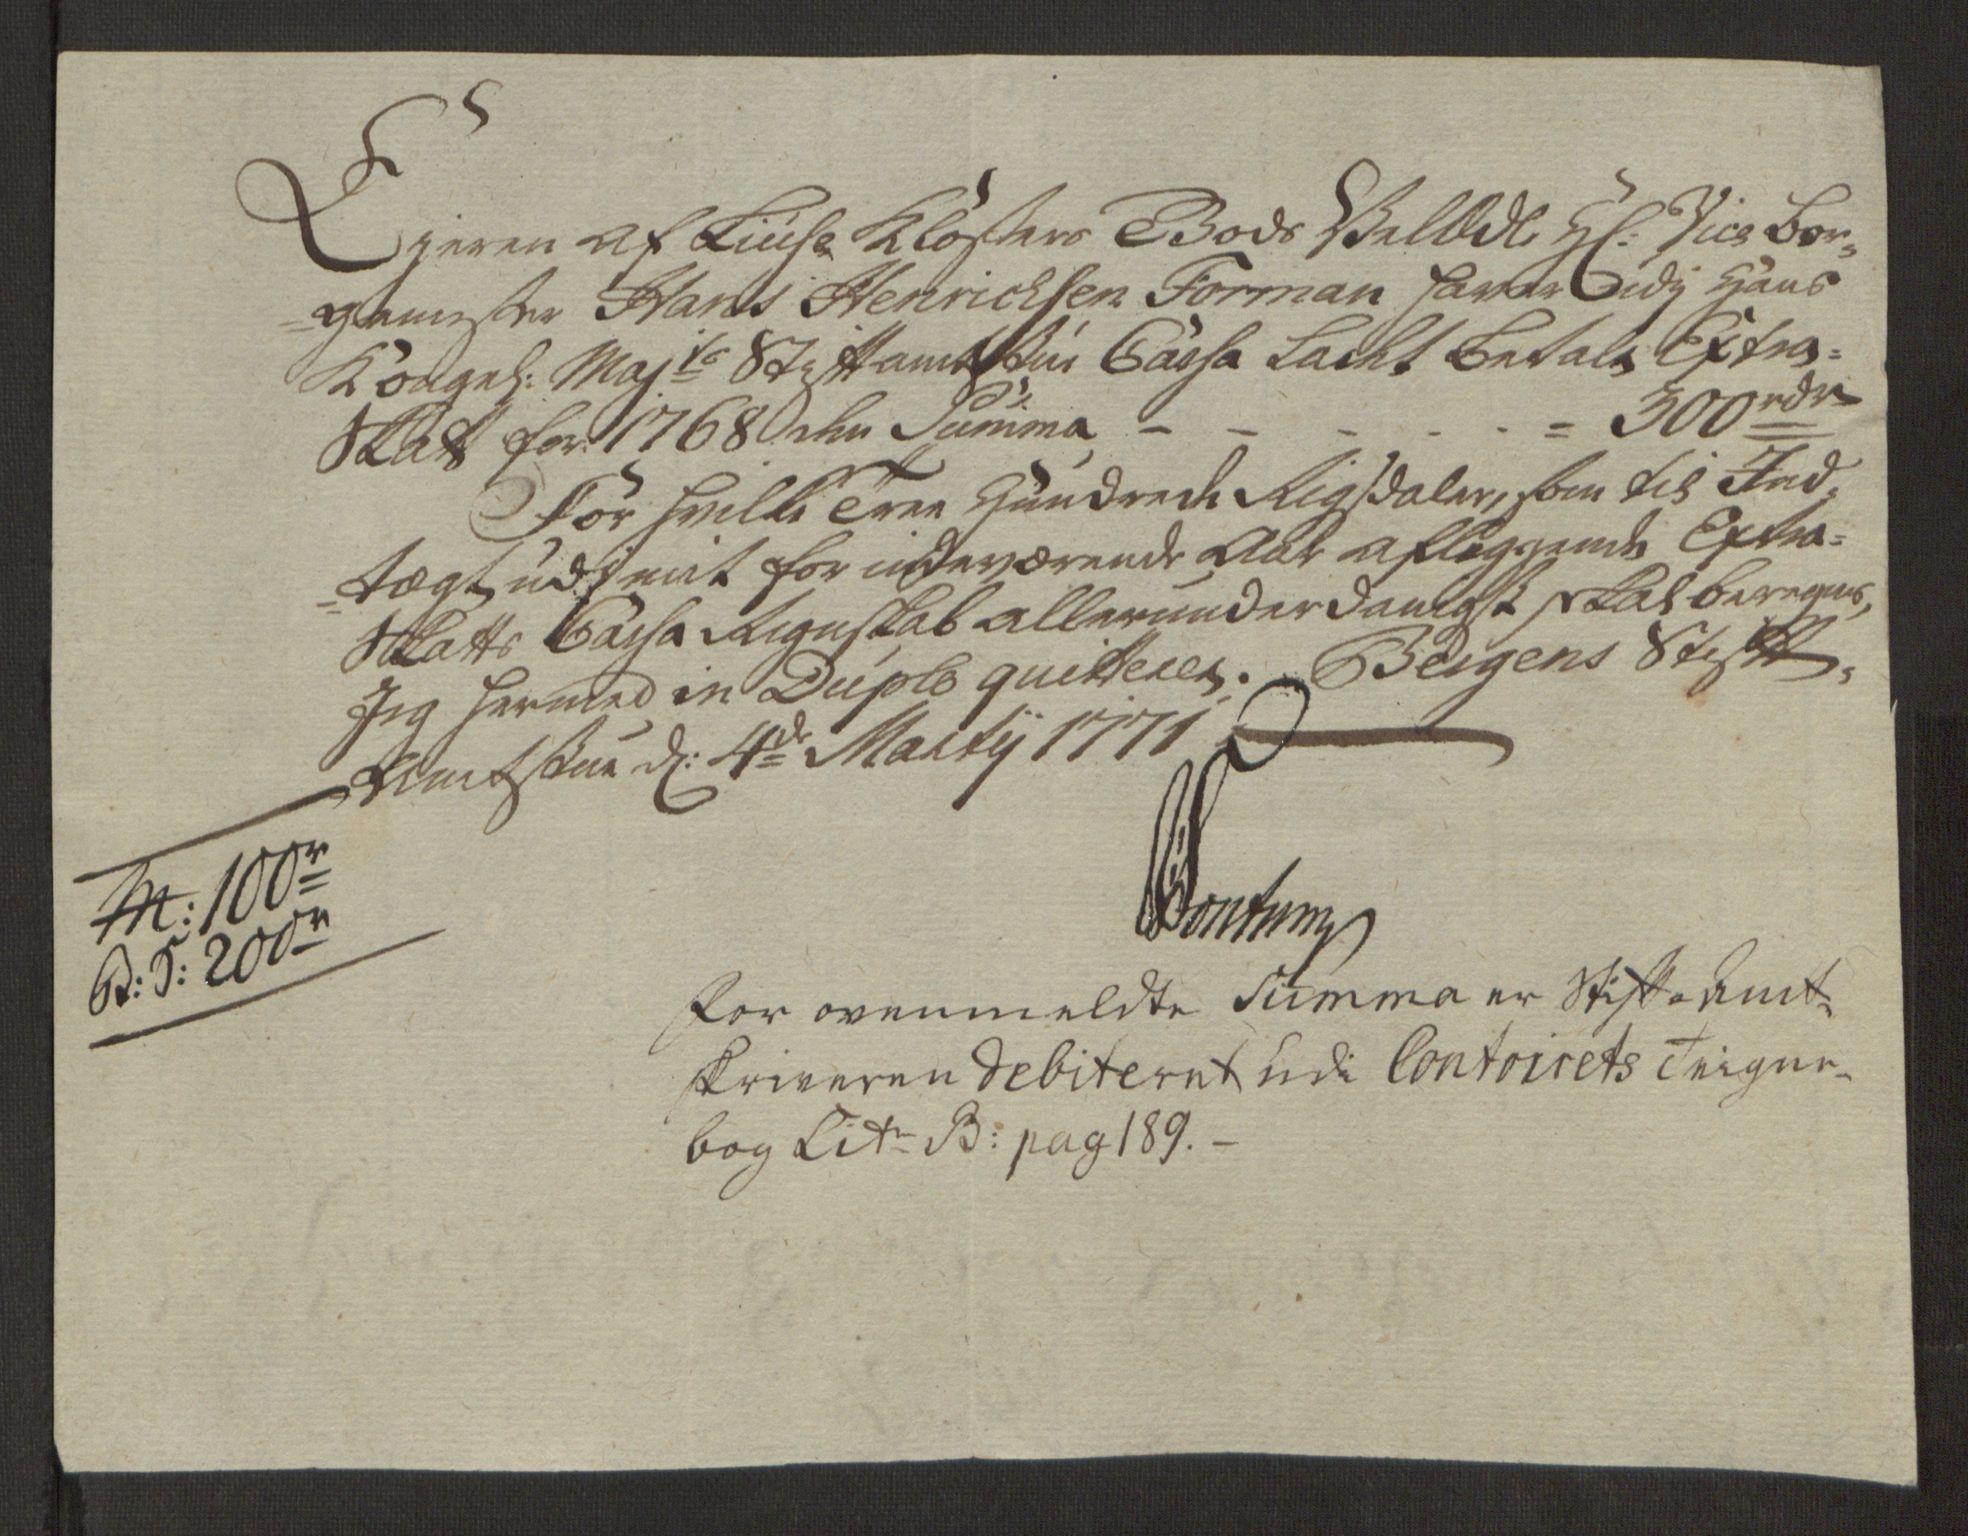 RA, Rentekammeret inntil 1814, Reviderte regnskaper, Fogderegnskap, R50/L3180: Ekstraskatten Lyse kloster, 1762-1783, s. 205